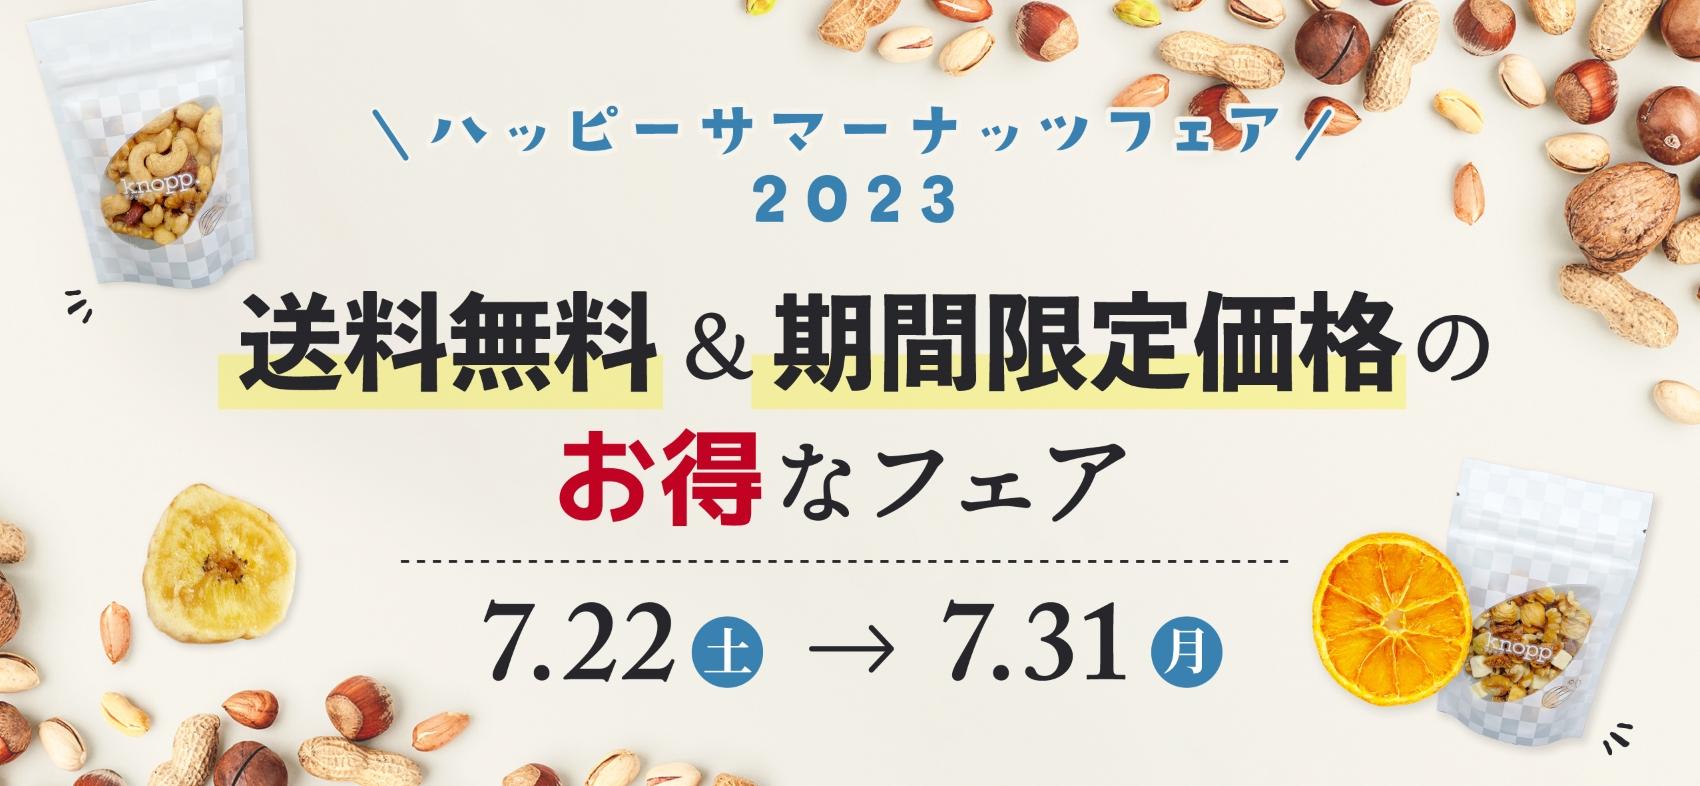 凝縮された自然の甘み「キャンディートマト」